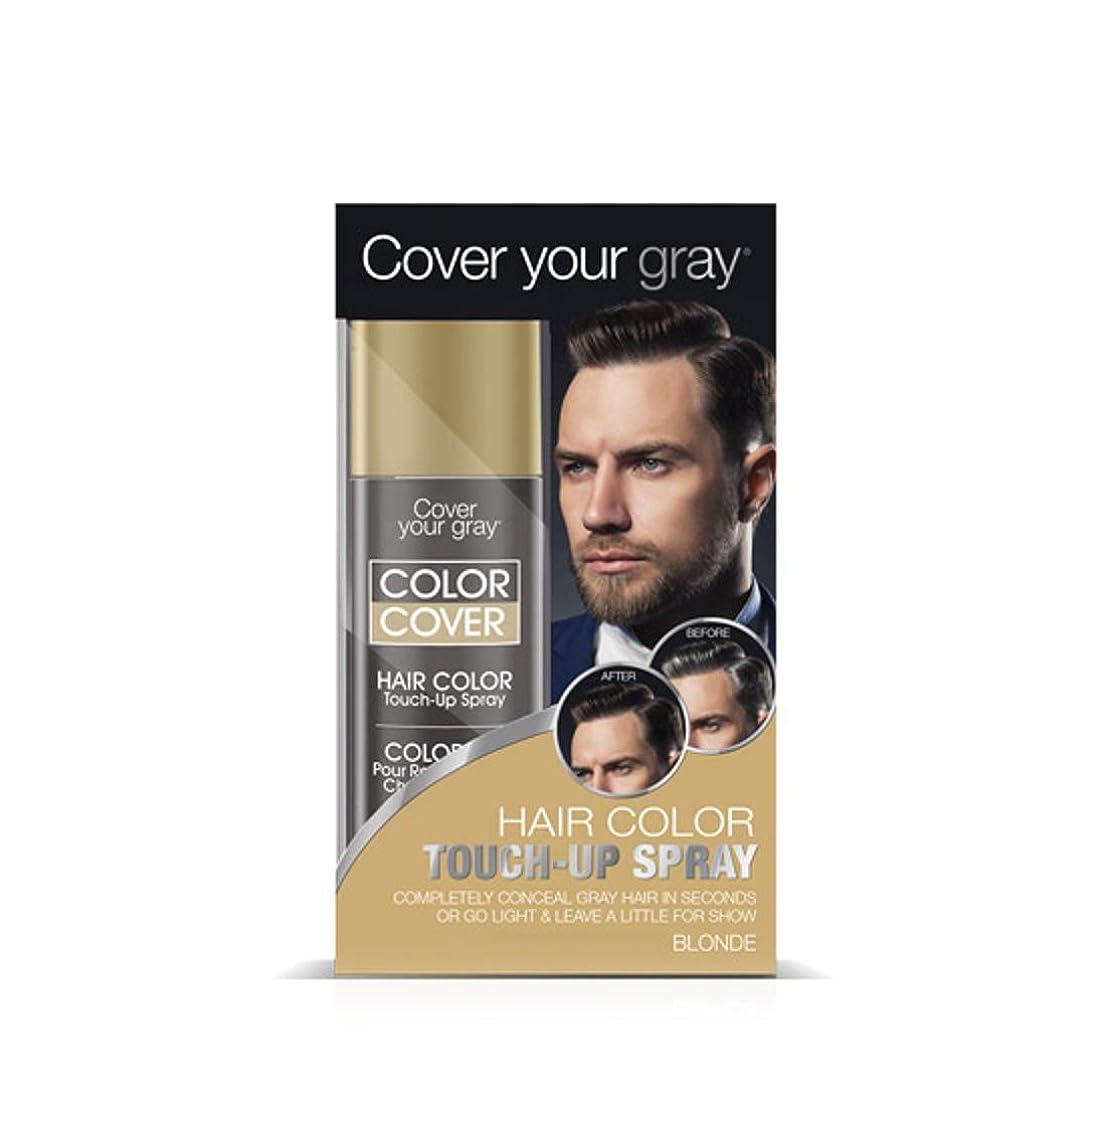 取り替える反論呼び出すCover Your Gray メンズカラーカバータッチアップスプレー - ブロンド(2パック)